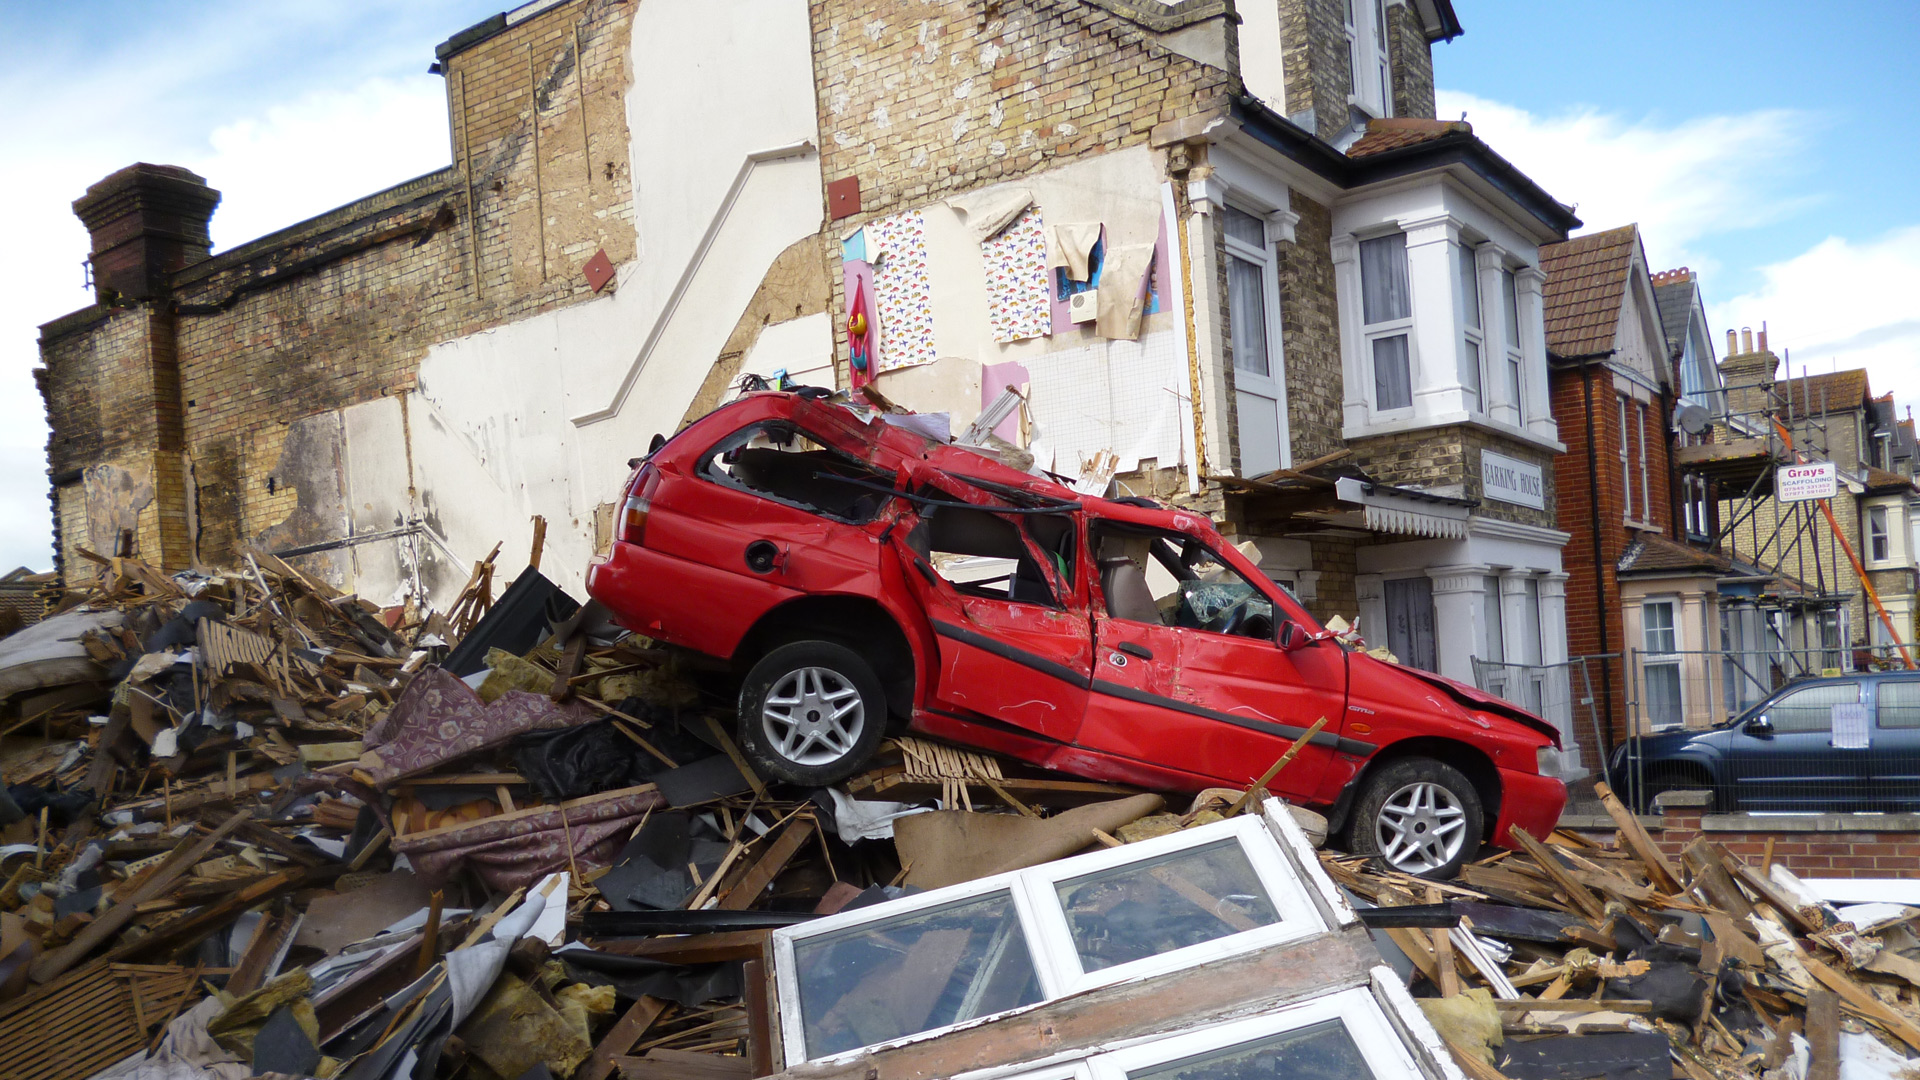 Wellesley Road, Clacton – Emergency Demolition Works